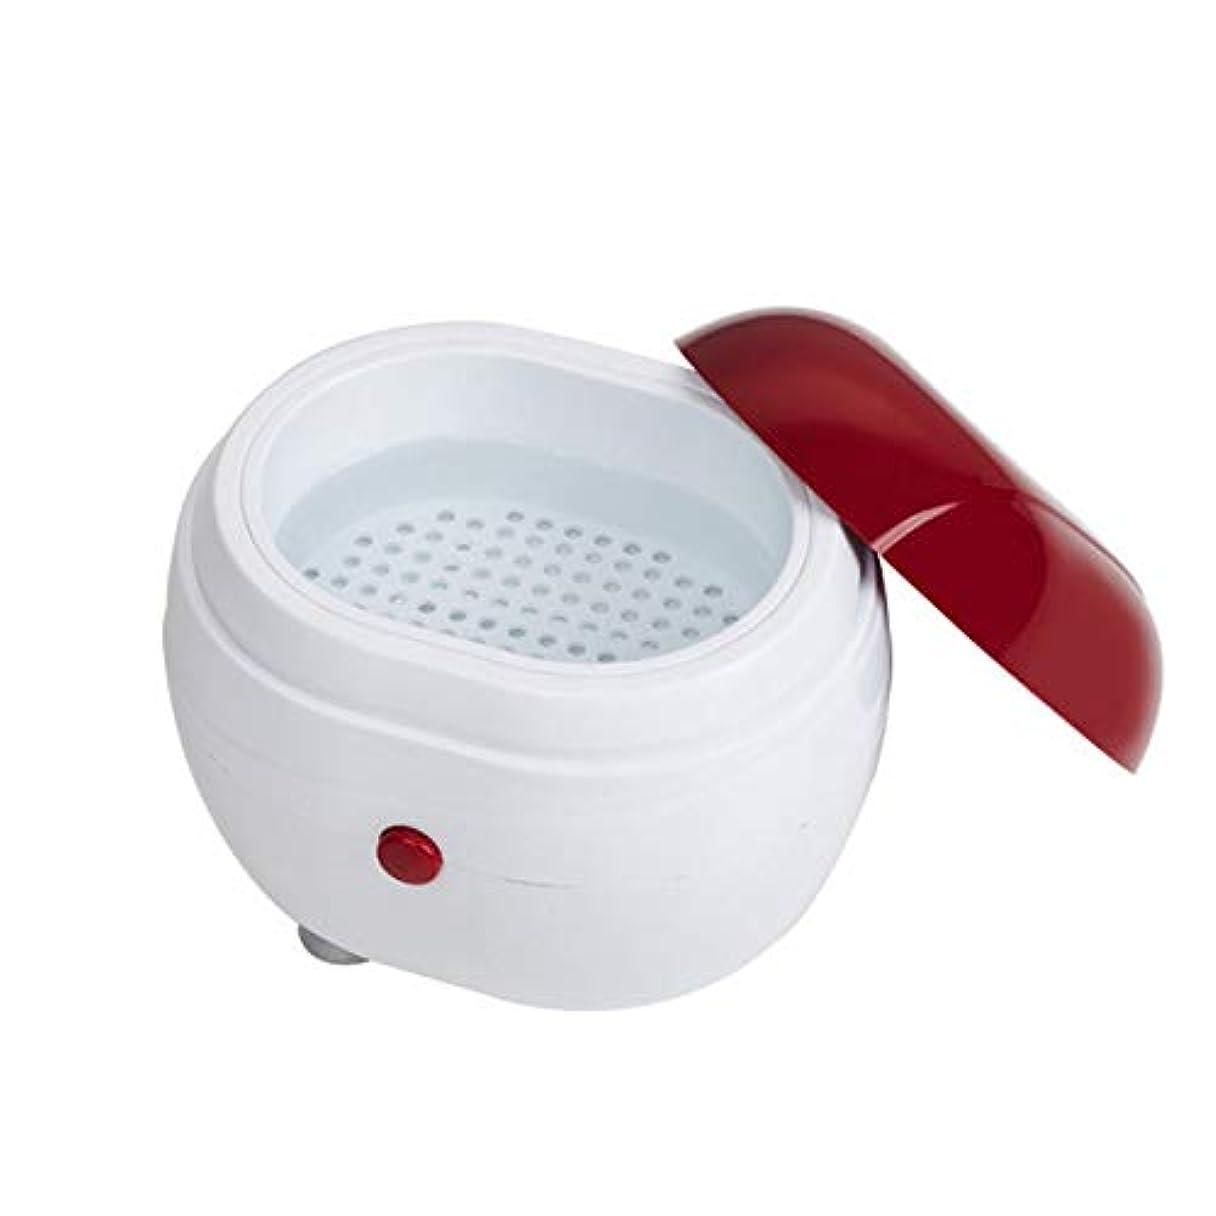 インテリア再編成するロッジポータブル超音波洗濯機家庭用ジュエリーレンズ時計入れ歯クリーニング機洗濯機クリーナークリーニングボックス - 赤&白